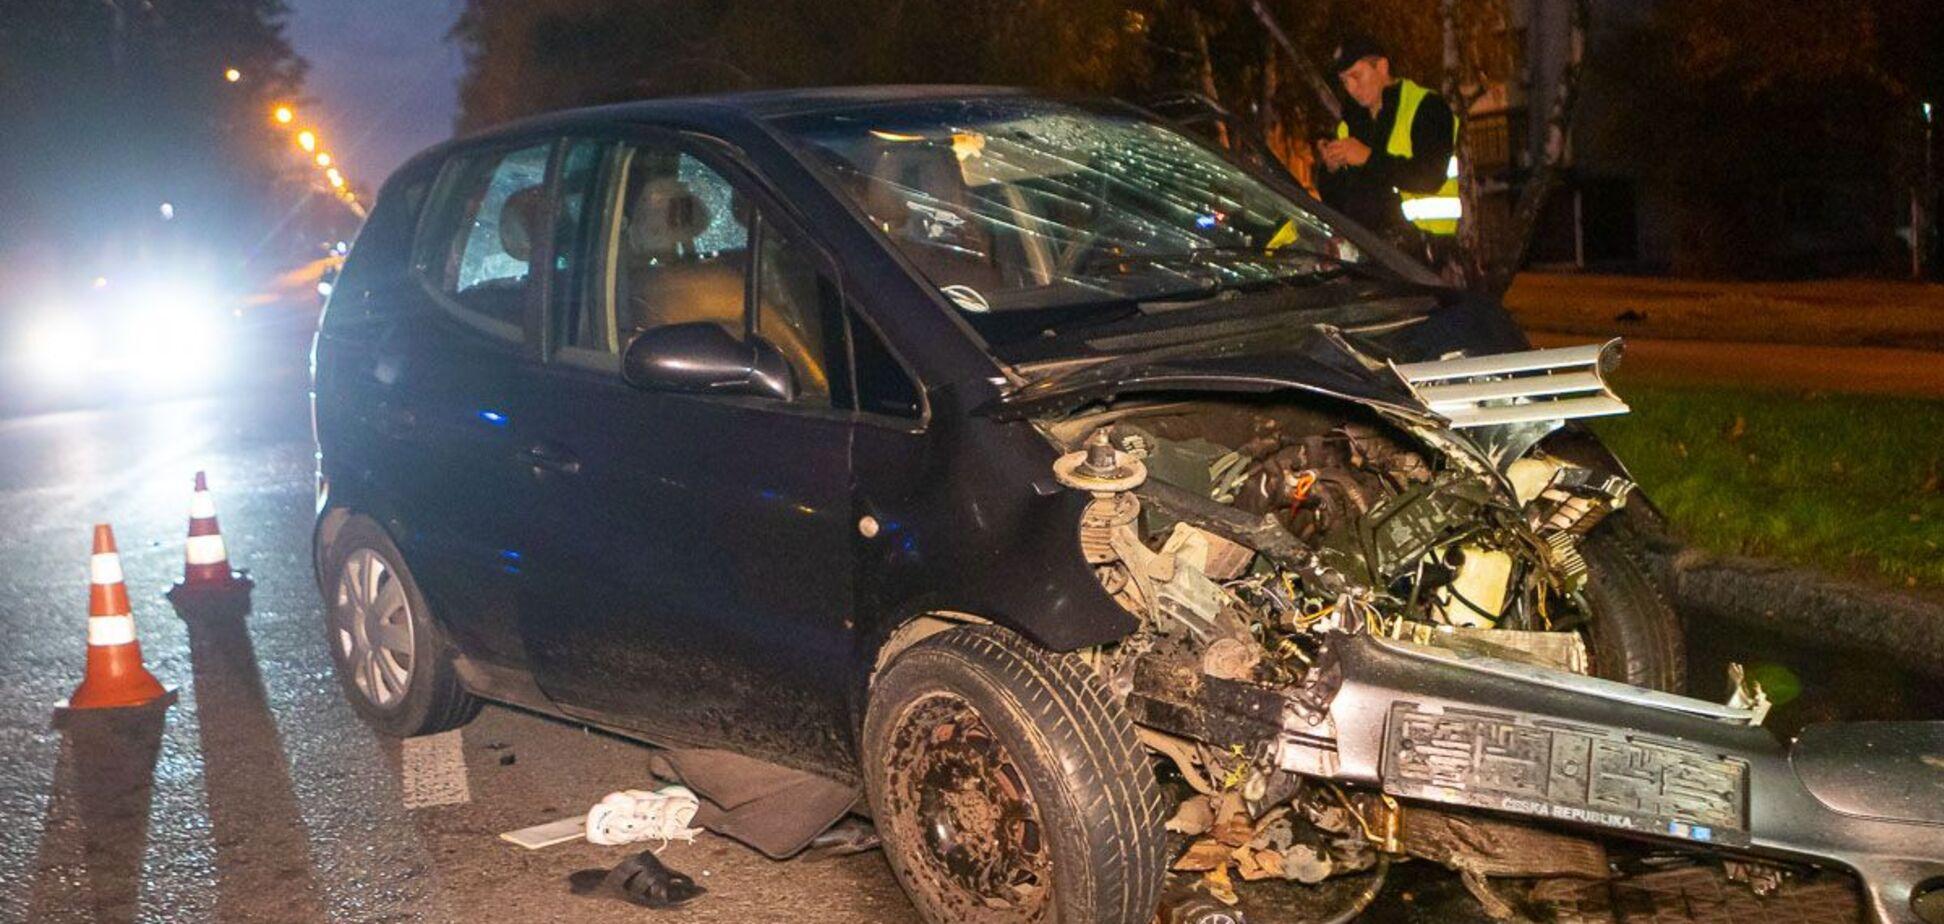 В Днепре авто врезалось в столб: пассажирка вылетела через окно. Фото и видео